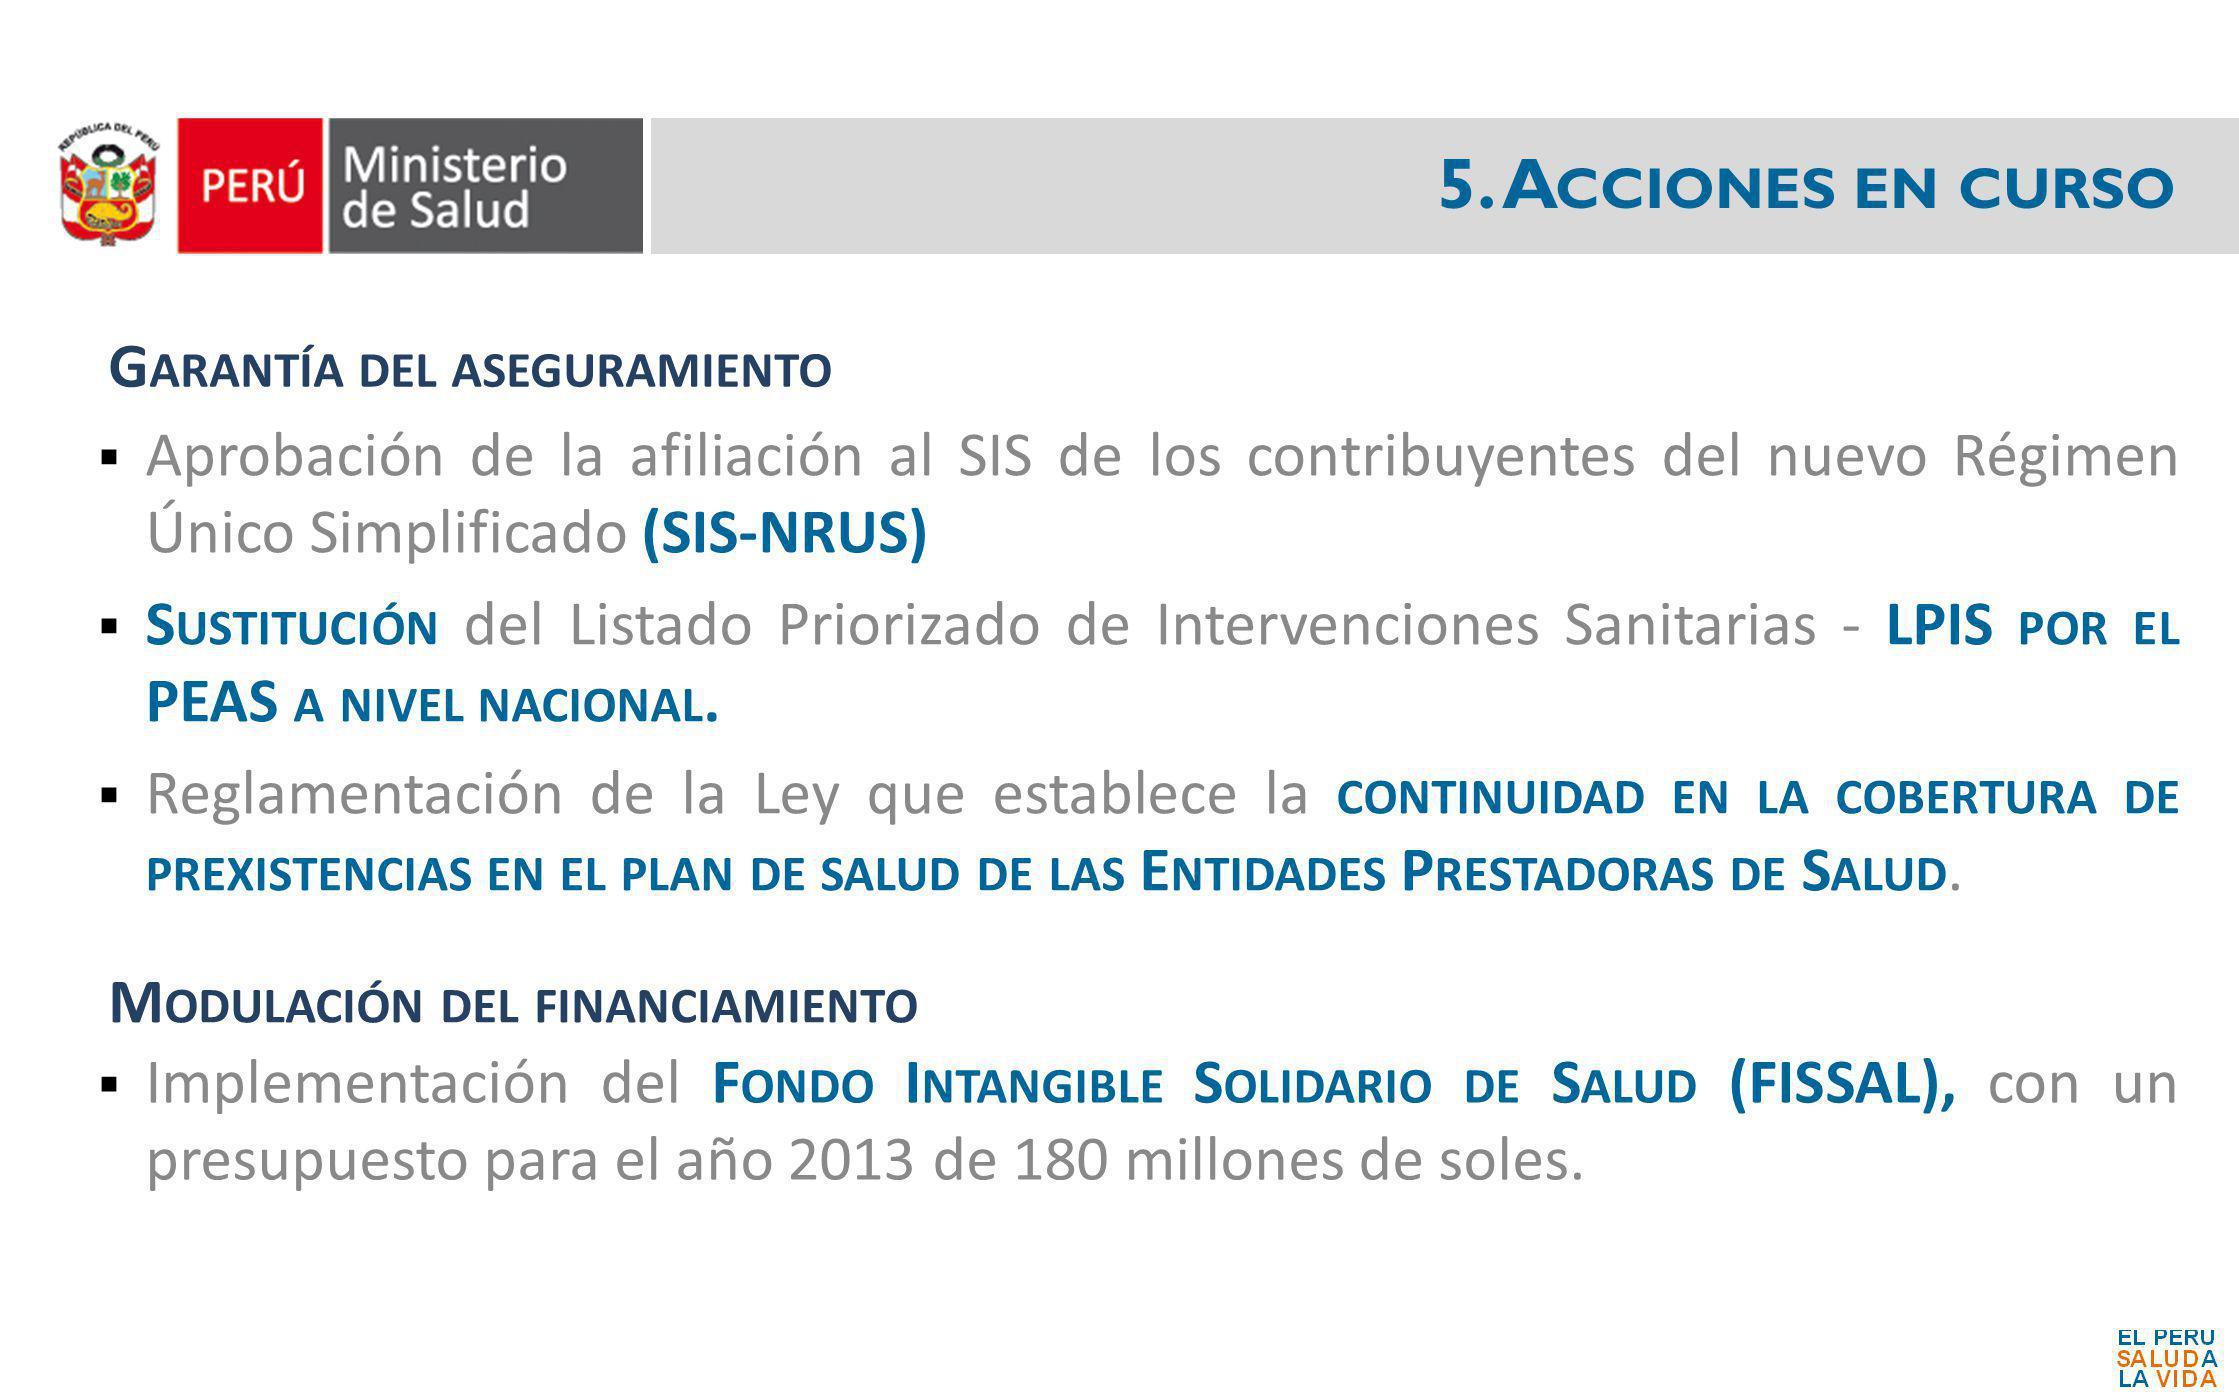 Aprobación de la afiliación al SIS de los contribuyentes del nuevo Régimen Único Simplificado (SIS-NRUS) S USTITUCIÓN del Listado Priorizado de Interv